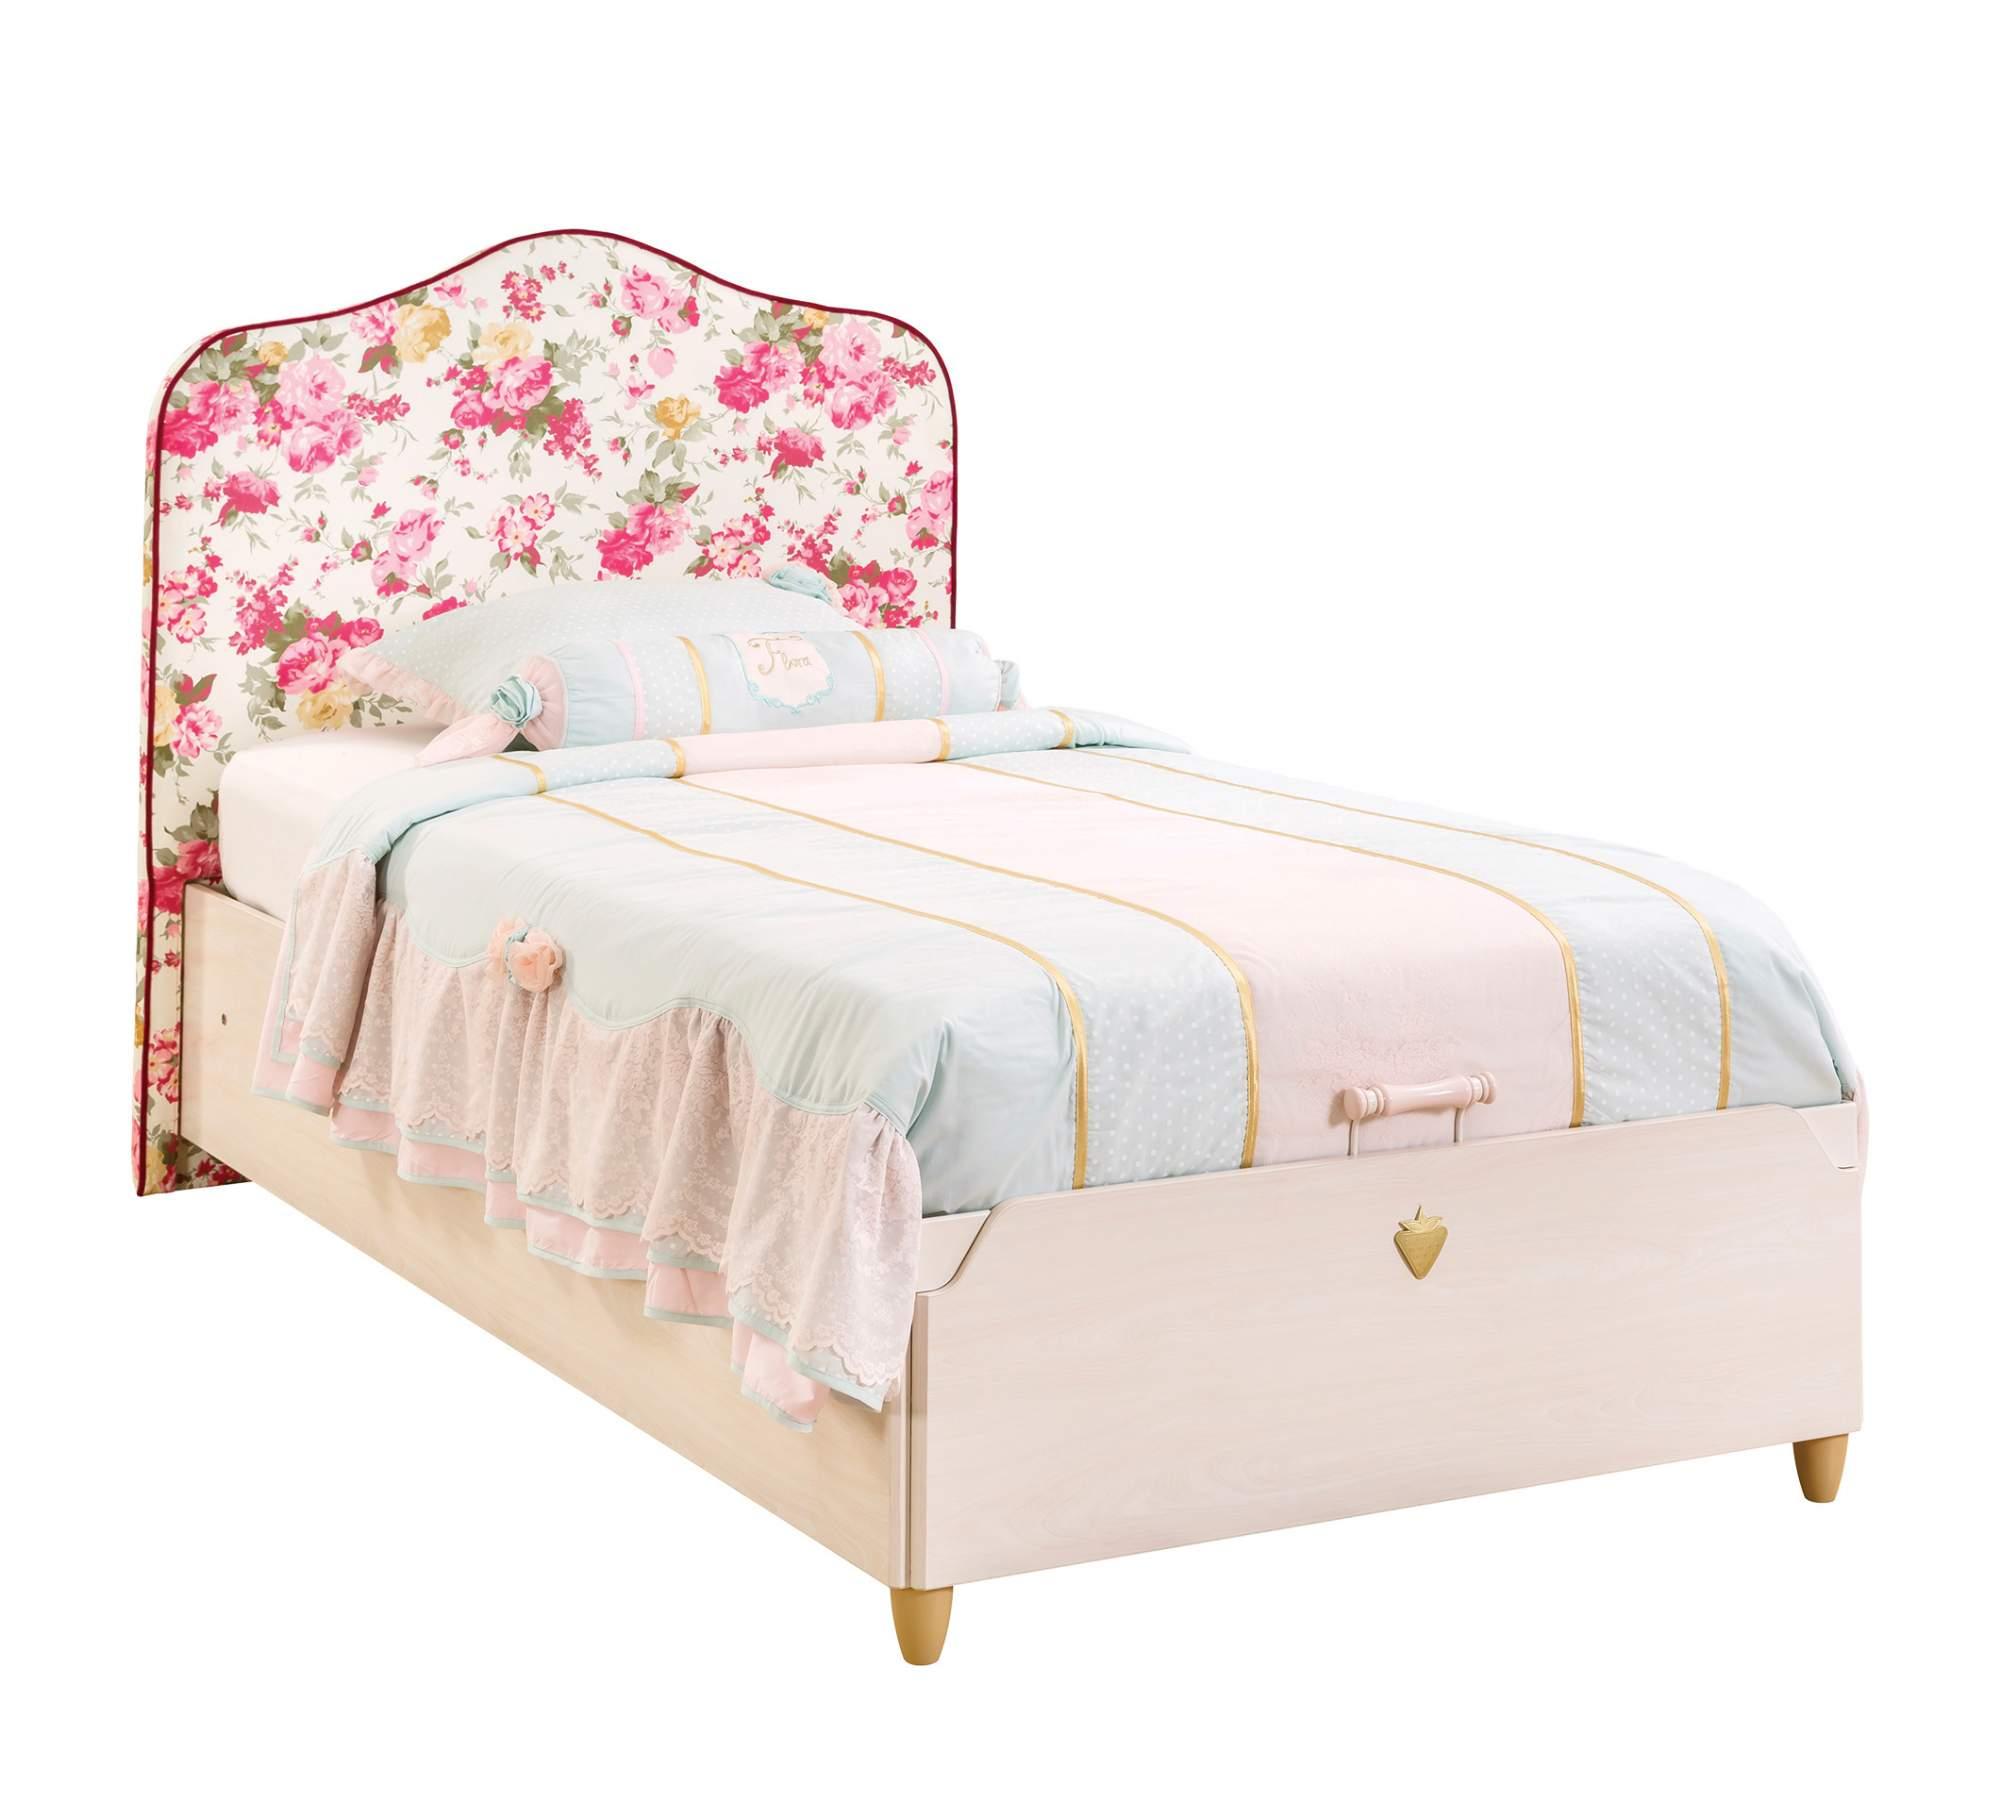 Кровать Cilek Flora с подъемным механизмом, с обивкой изголовья, 100х200 см